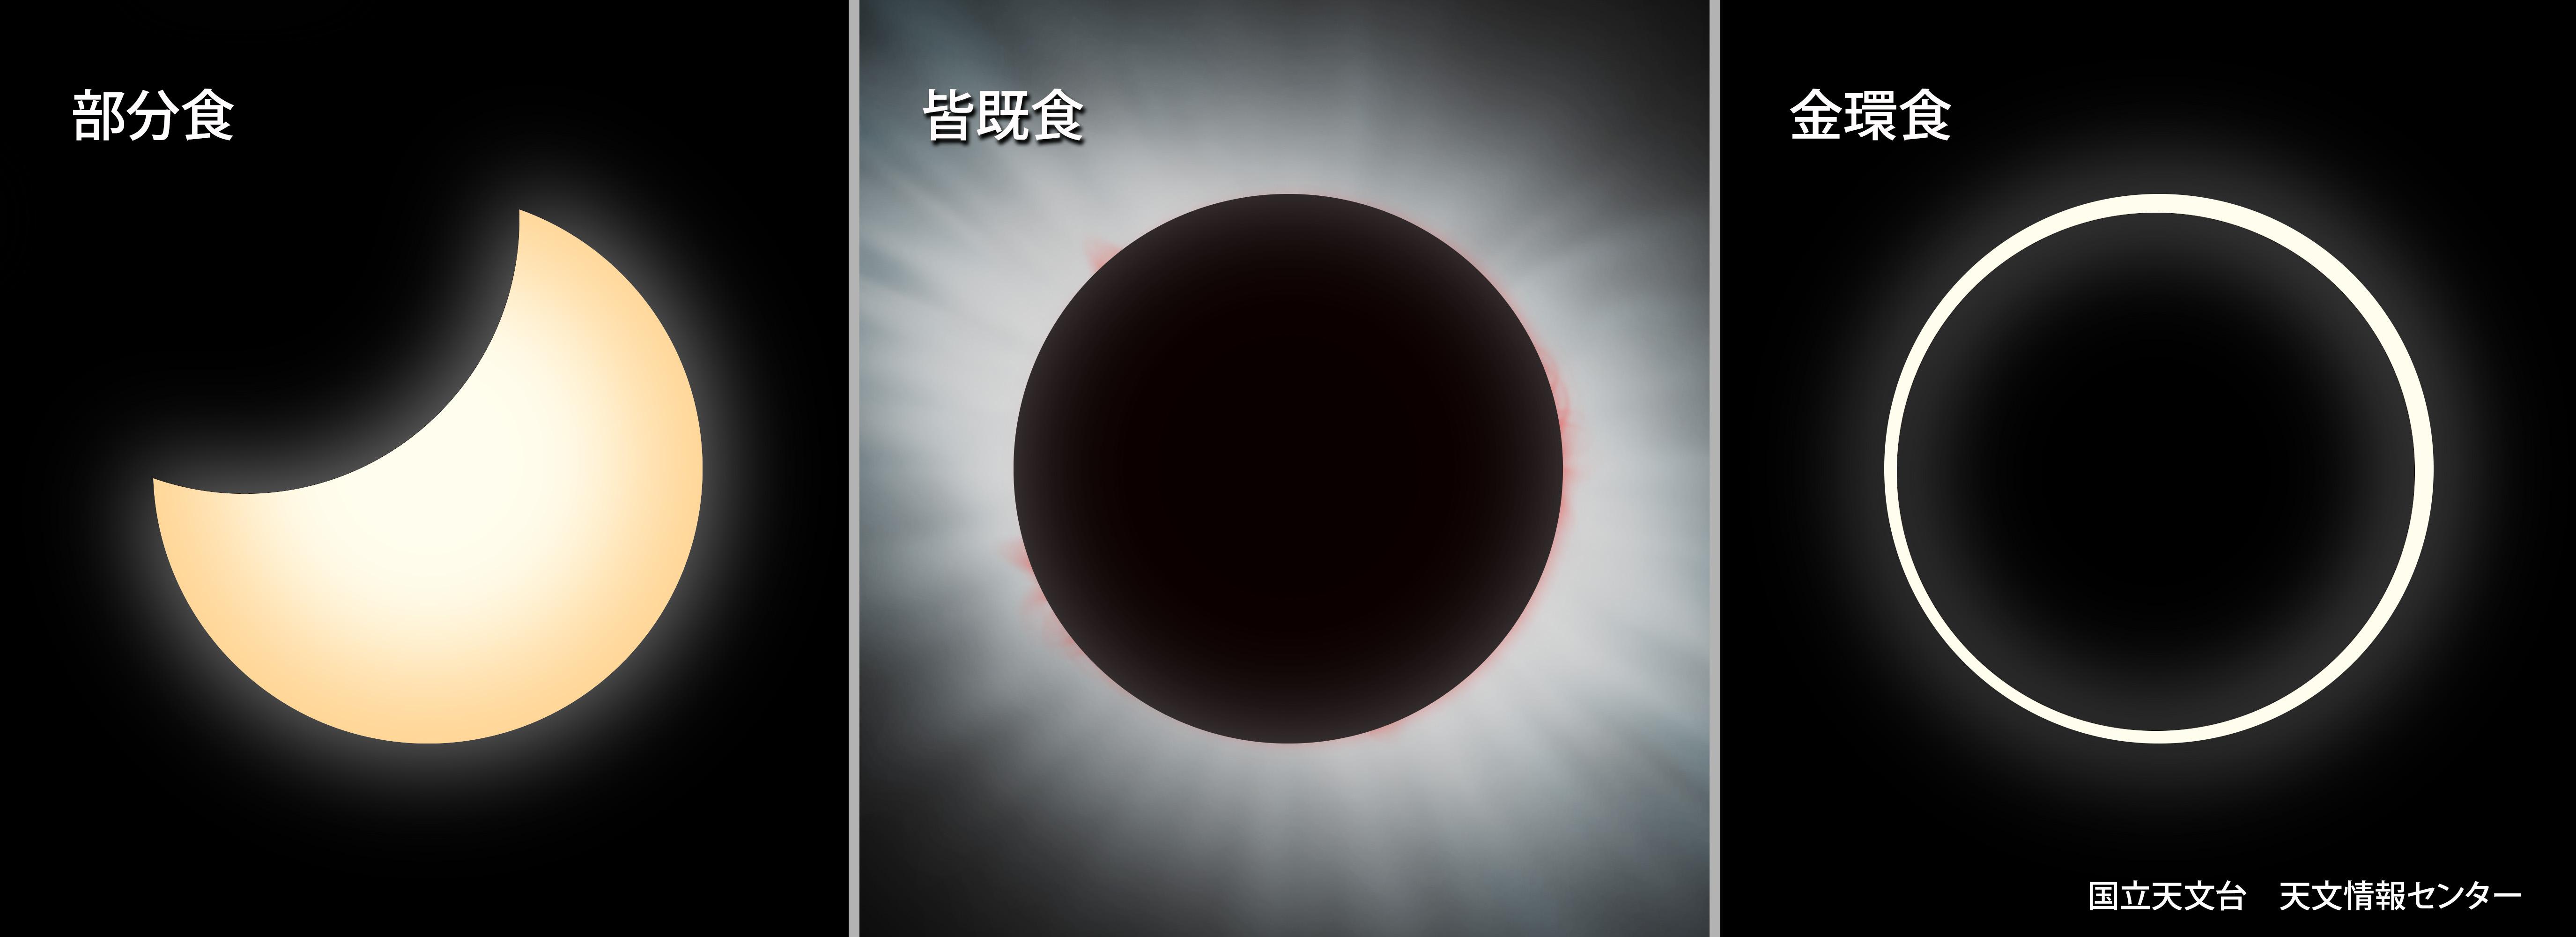 2016年3月9日 日本全国で部分食   国立天文台(NAOJ)